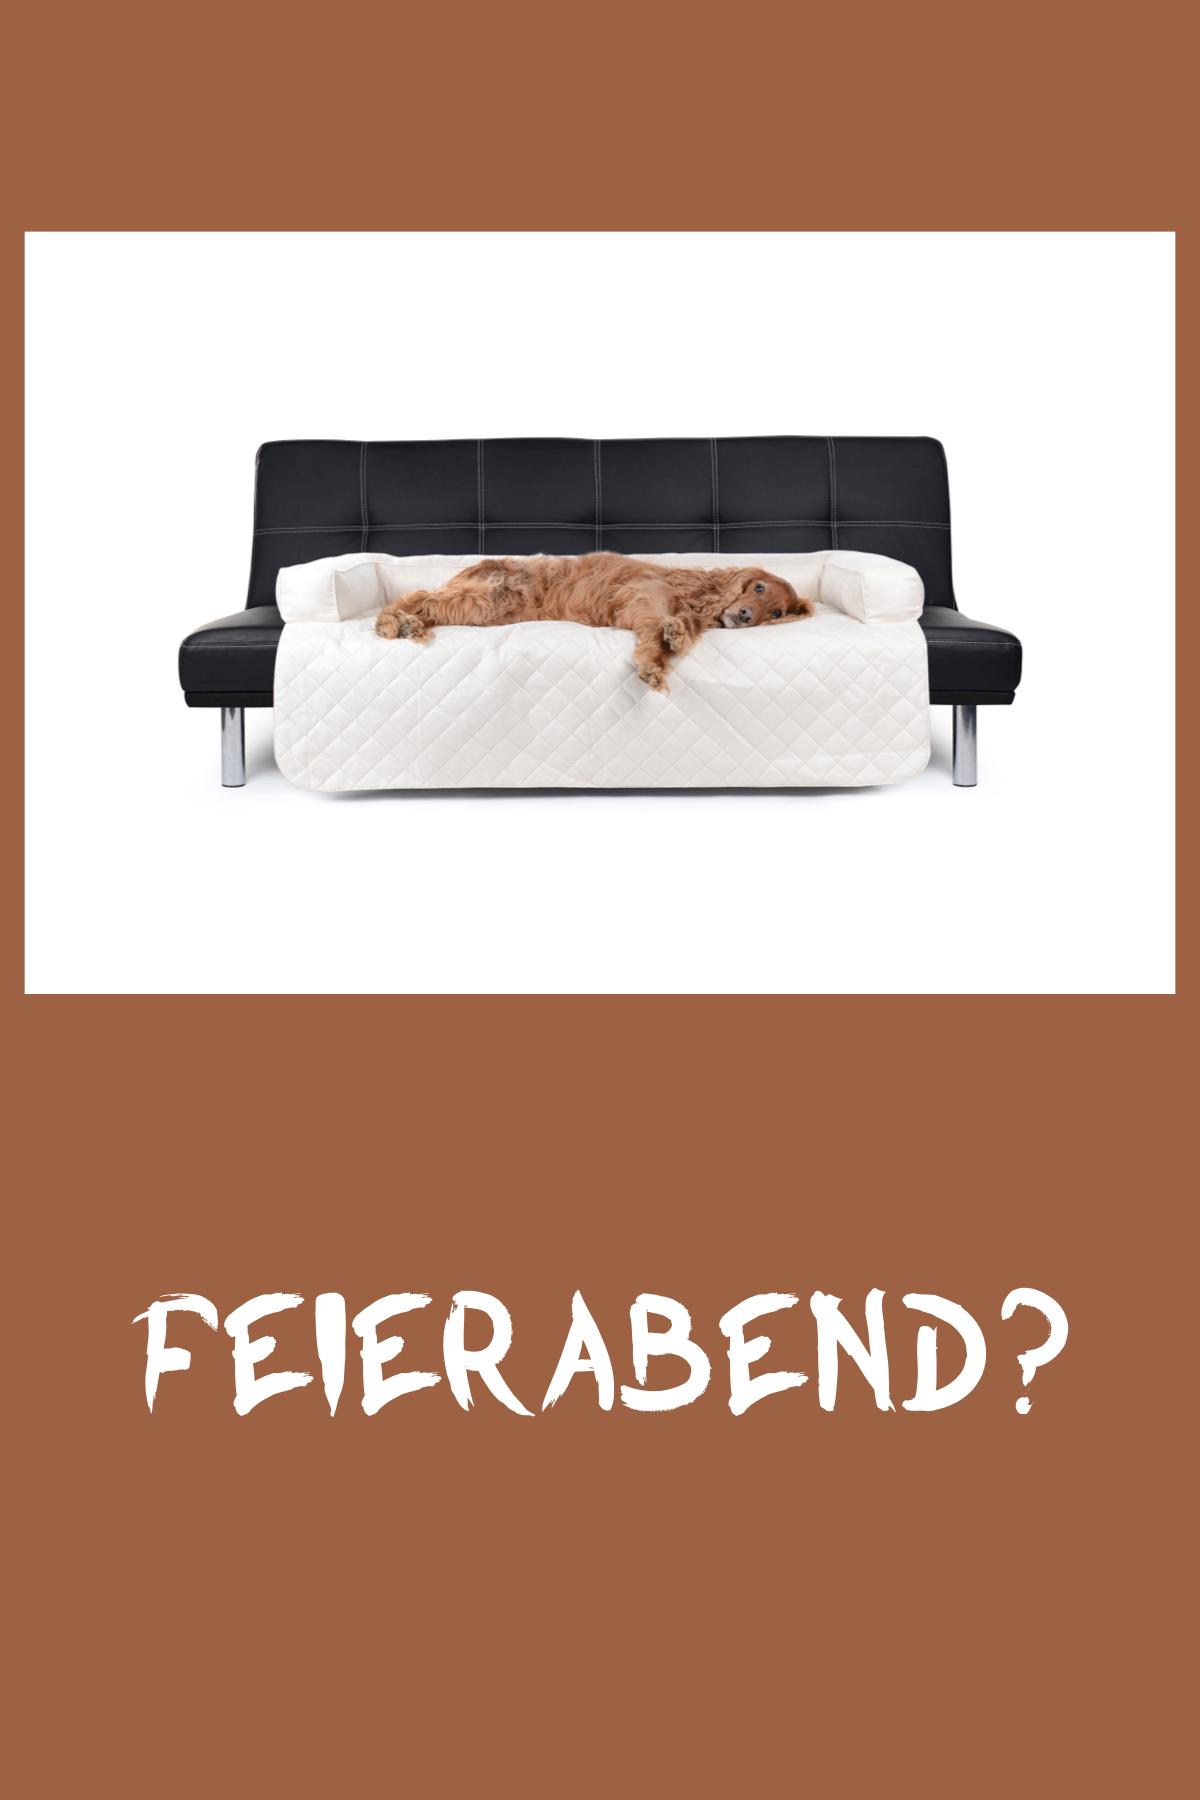 Hunde Sofaschutz Decke Dakota Wildlederimitat 100x100 Cm Creme Sofaschutz Hunde Couch Decke